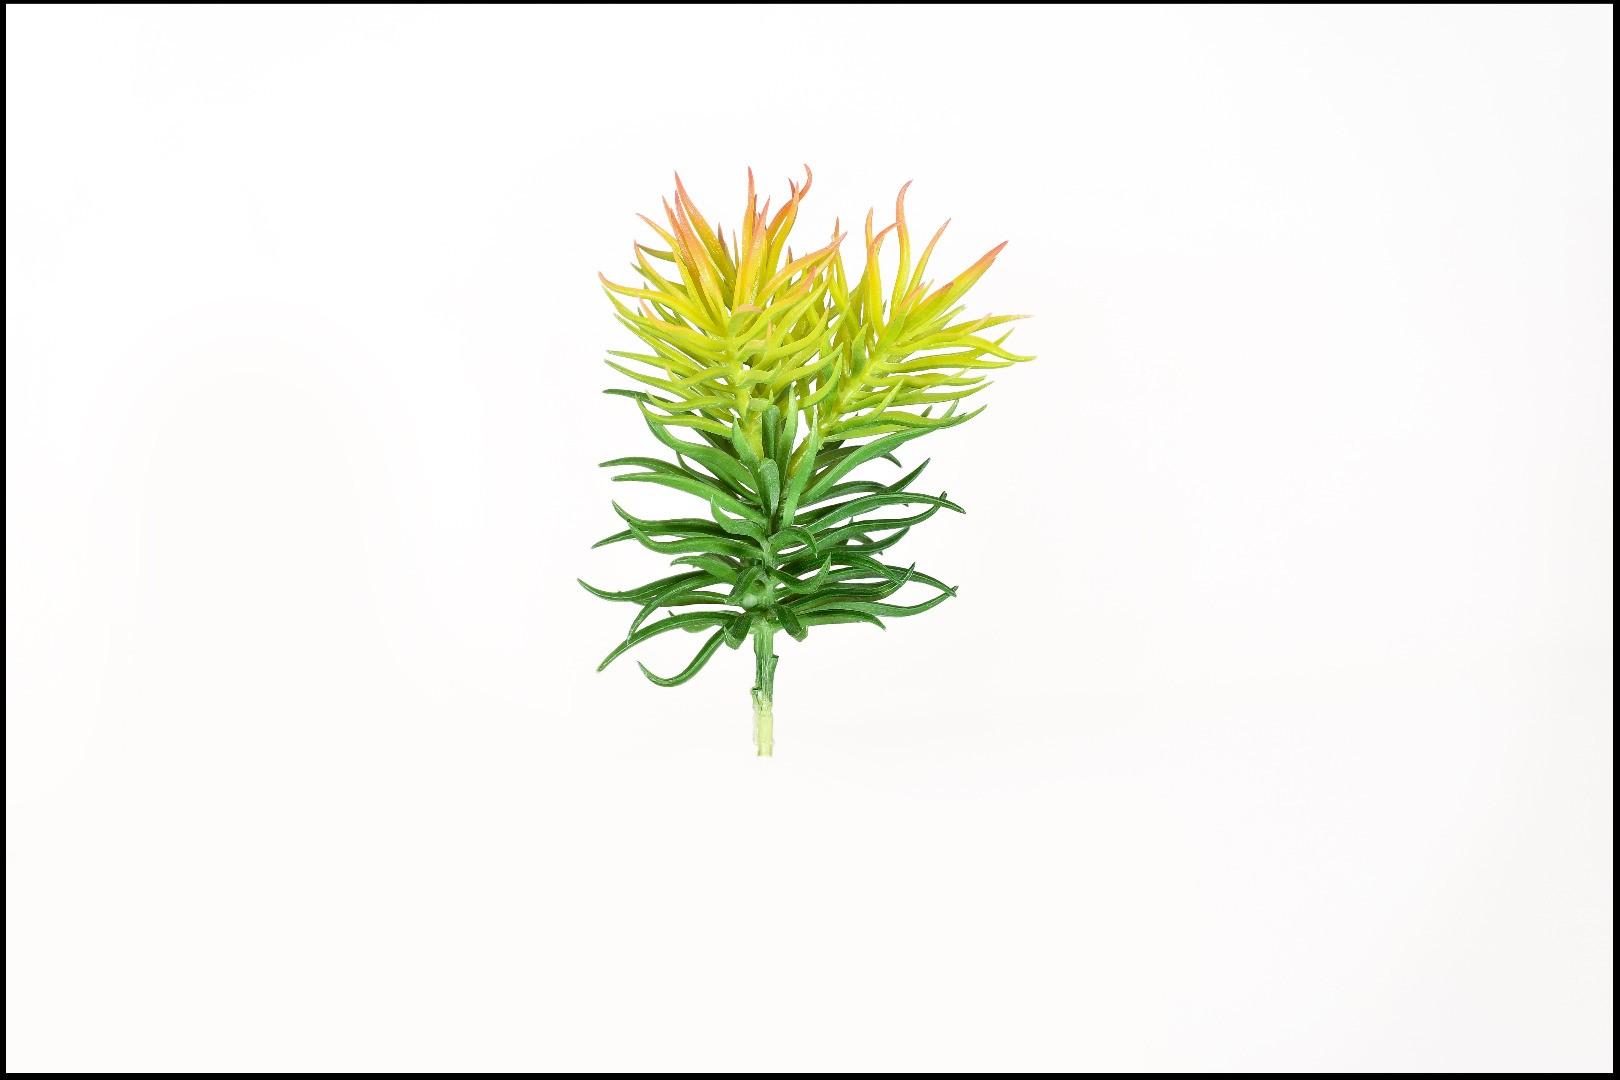 1737 - Cactus